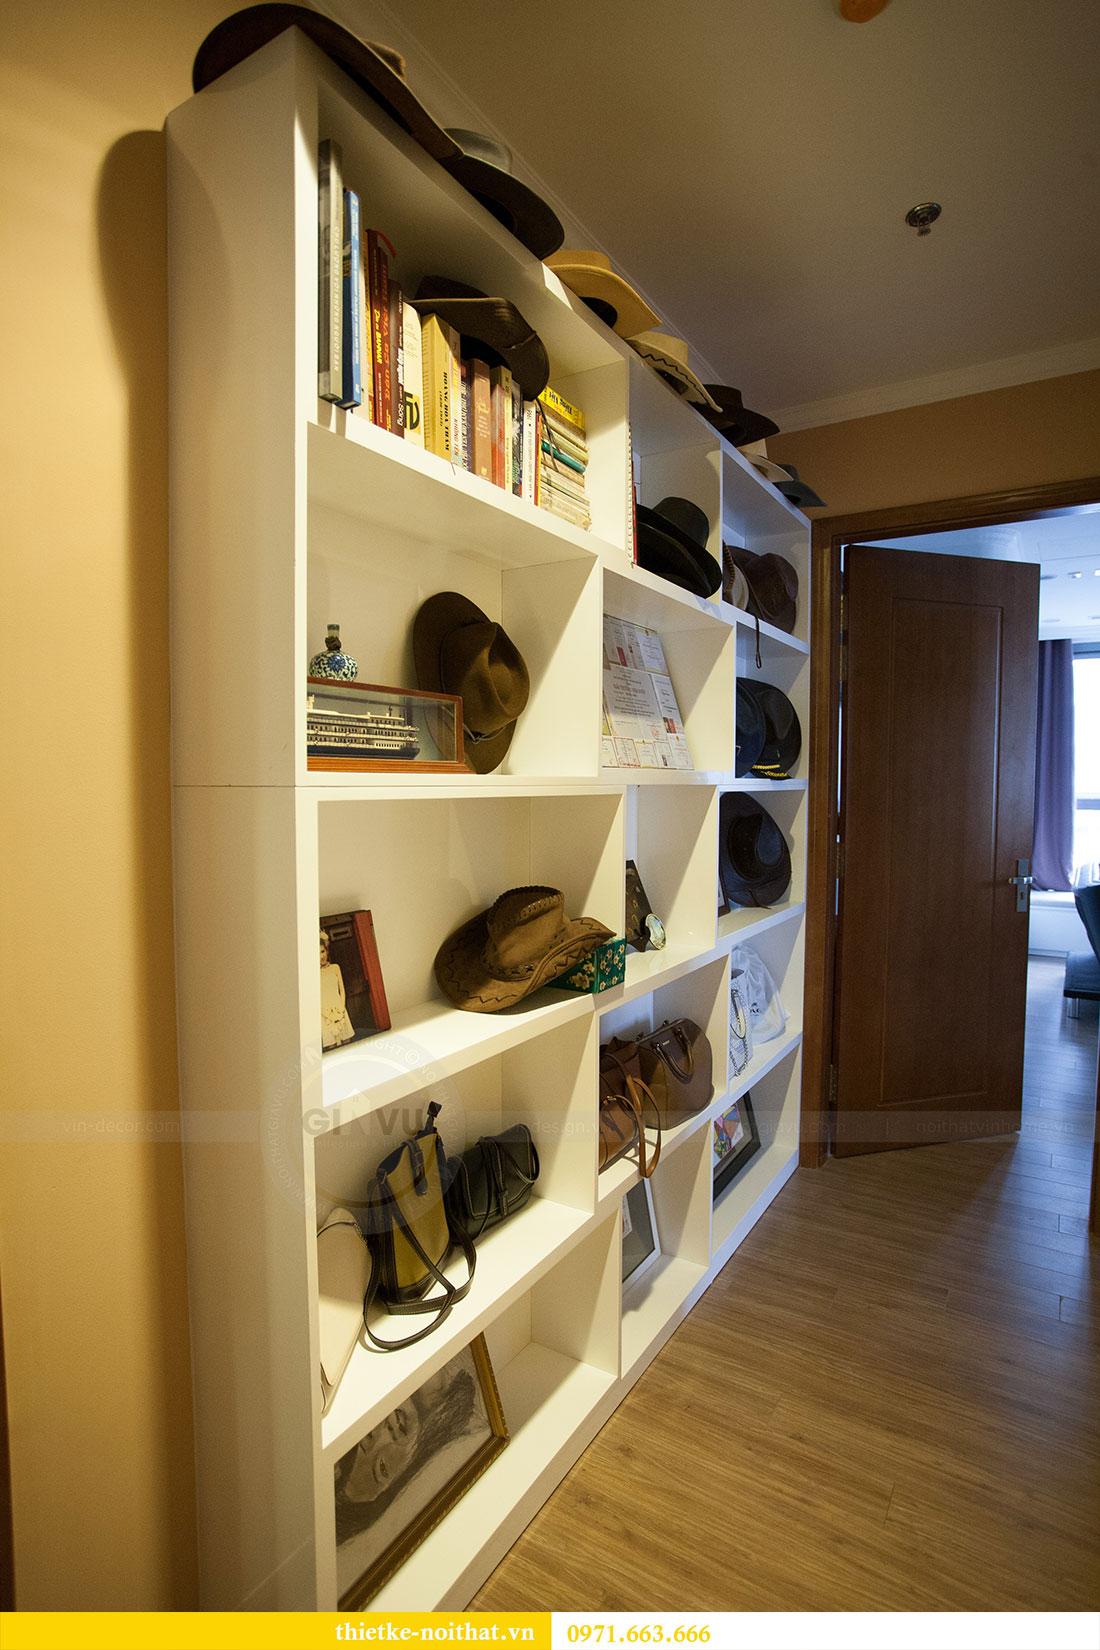 Hoàn thiện nội thất chung cư Park Hill nhà nhạc sỹ Nguyễn Cường 11